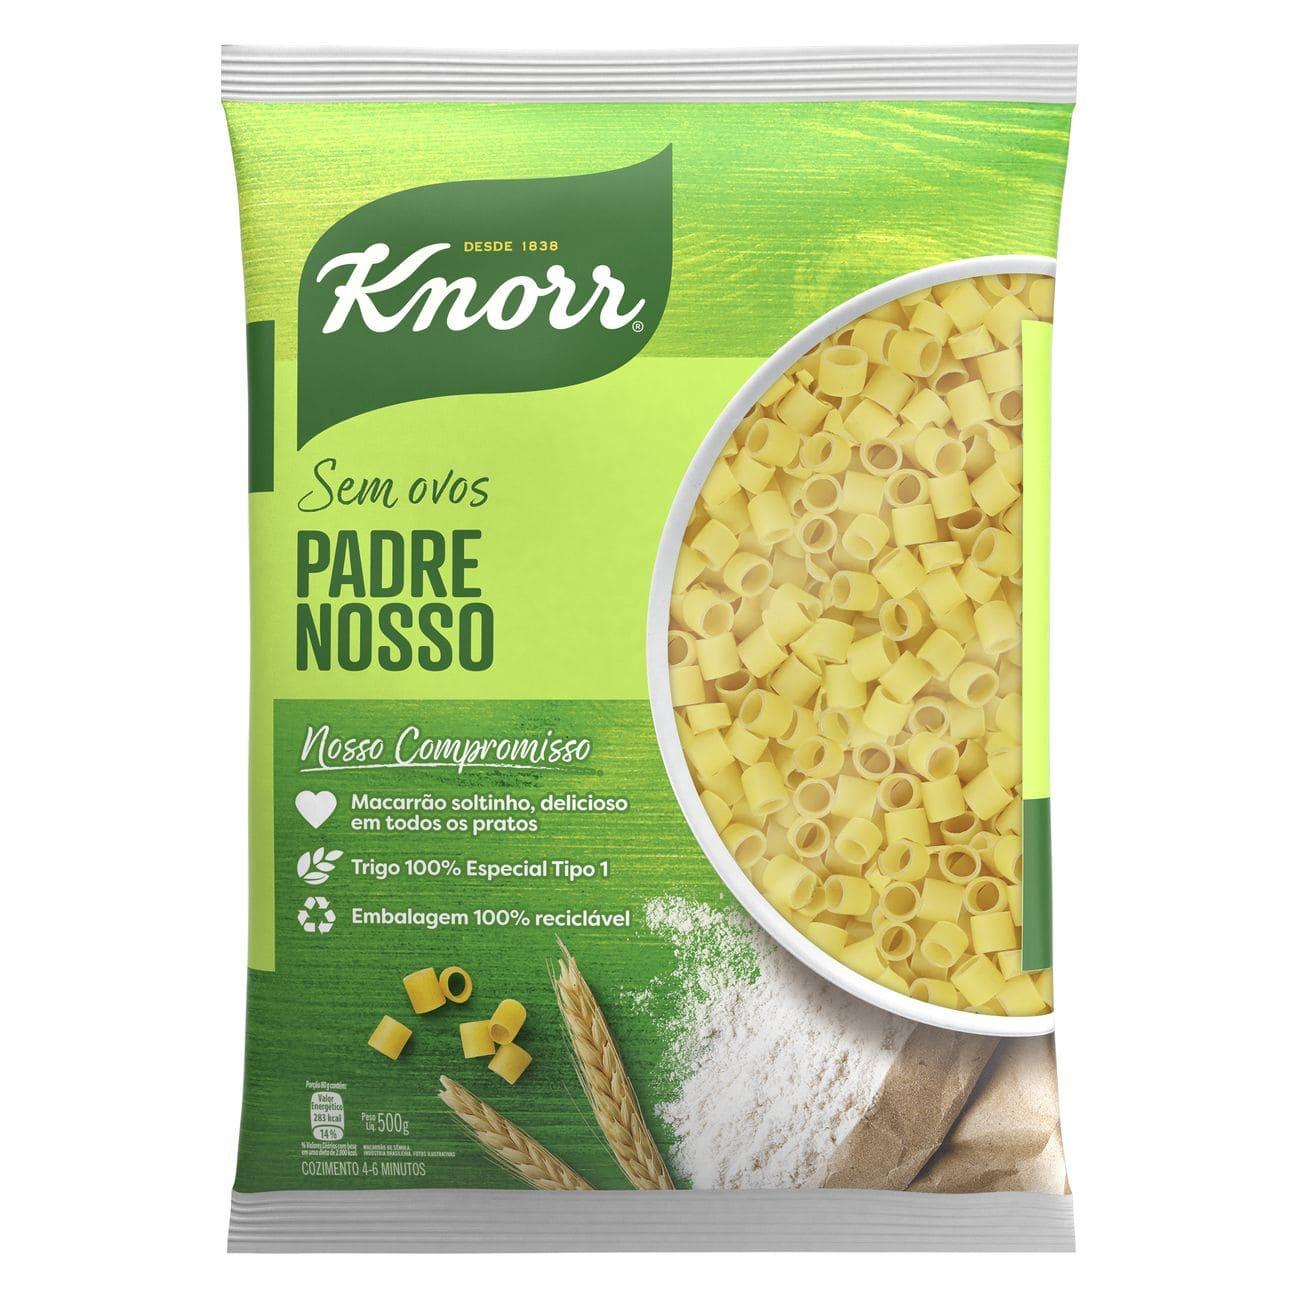 Macarrão Padre Nosso Knorr Sêmola 500g